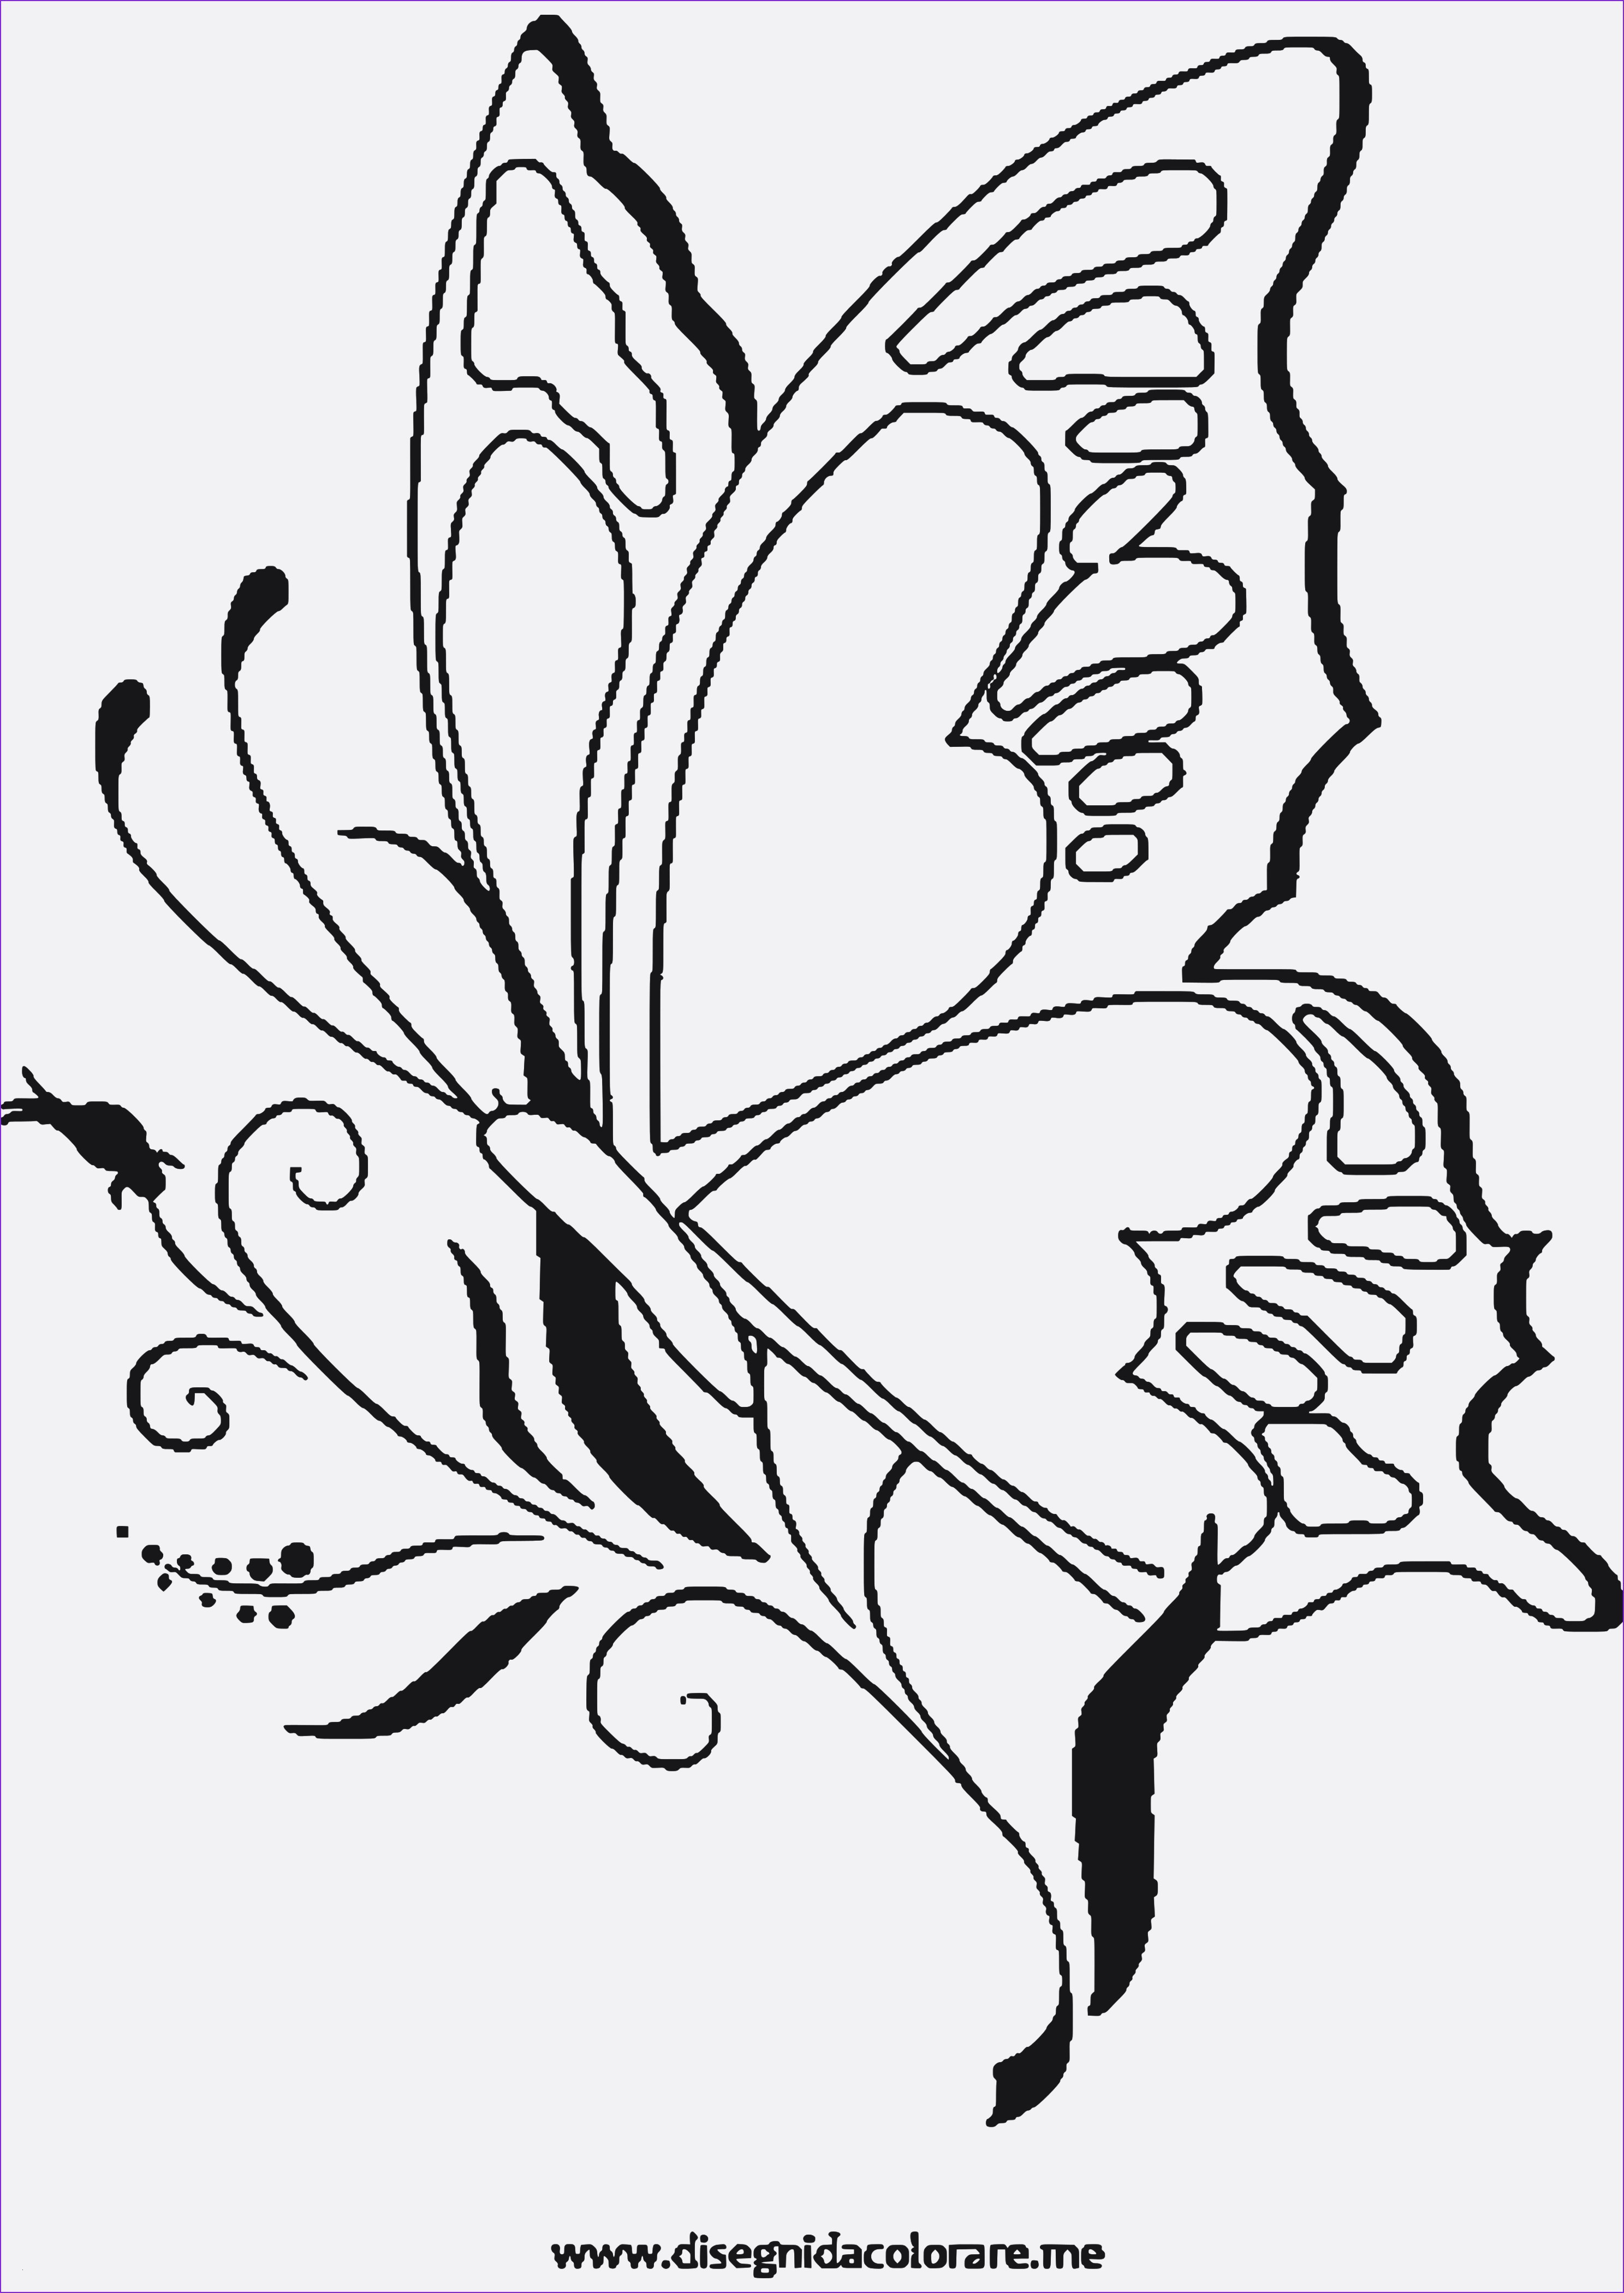 Malvorlagen Blumen Ranken Das Beste Von Malvorlagen Blumen Und Schmetterlinge Hinreißend 35 Ausmalbilder Fotografieren